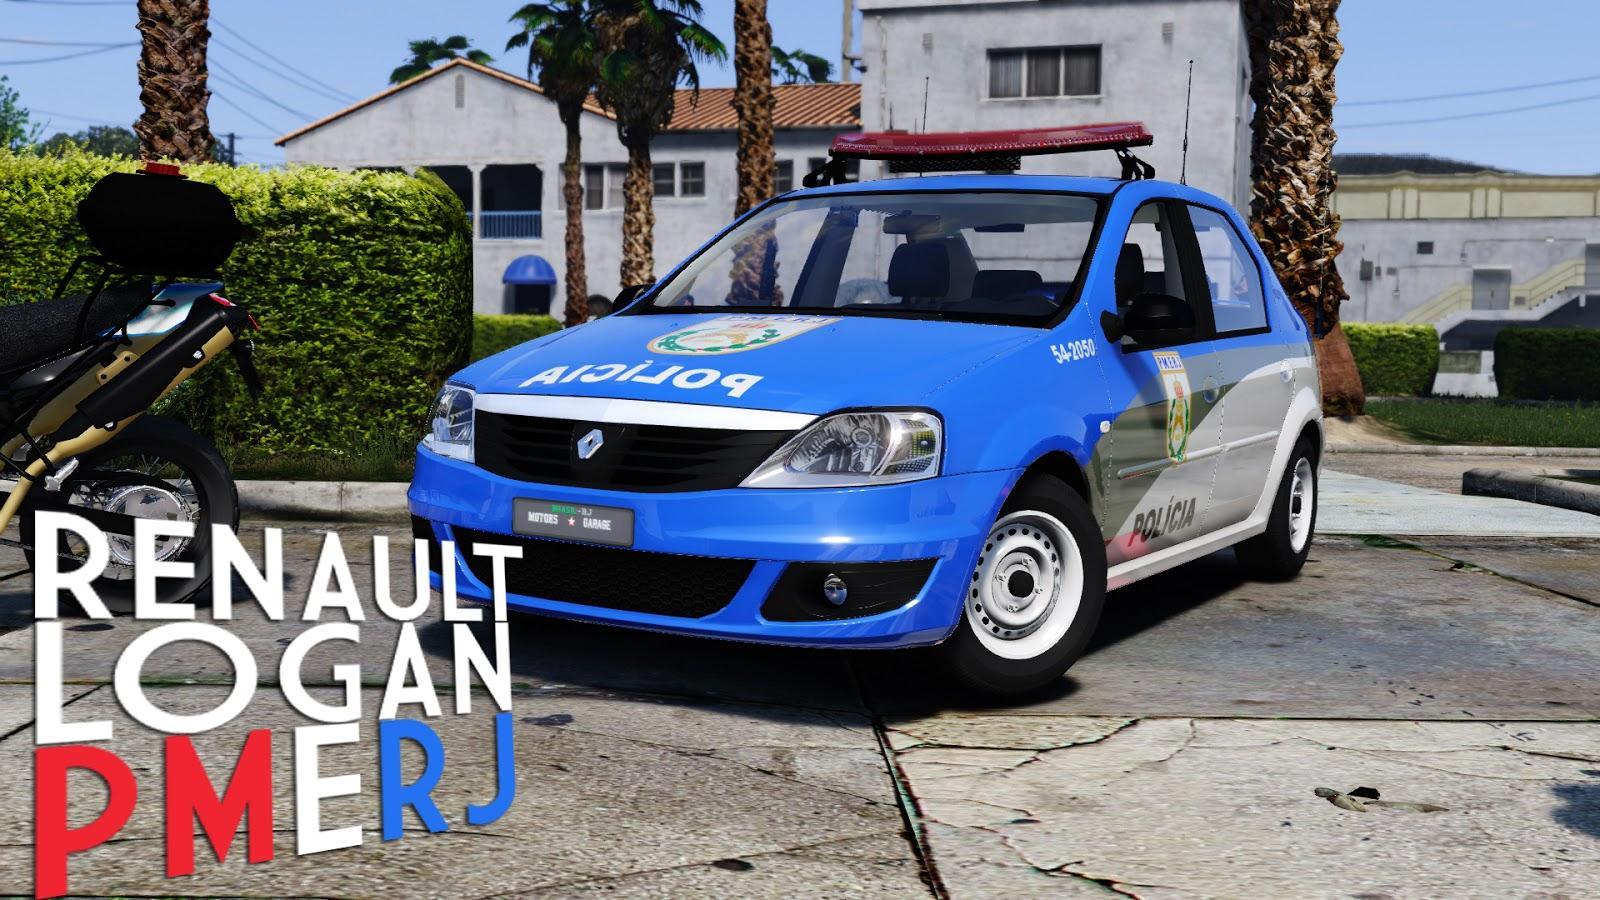 Renault logan pmerj gta5 for Credit garage renault